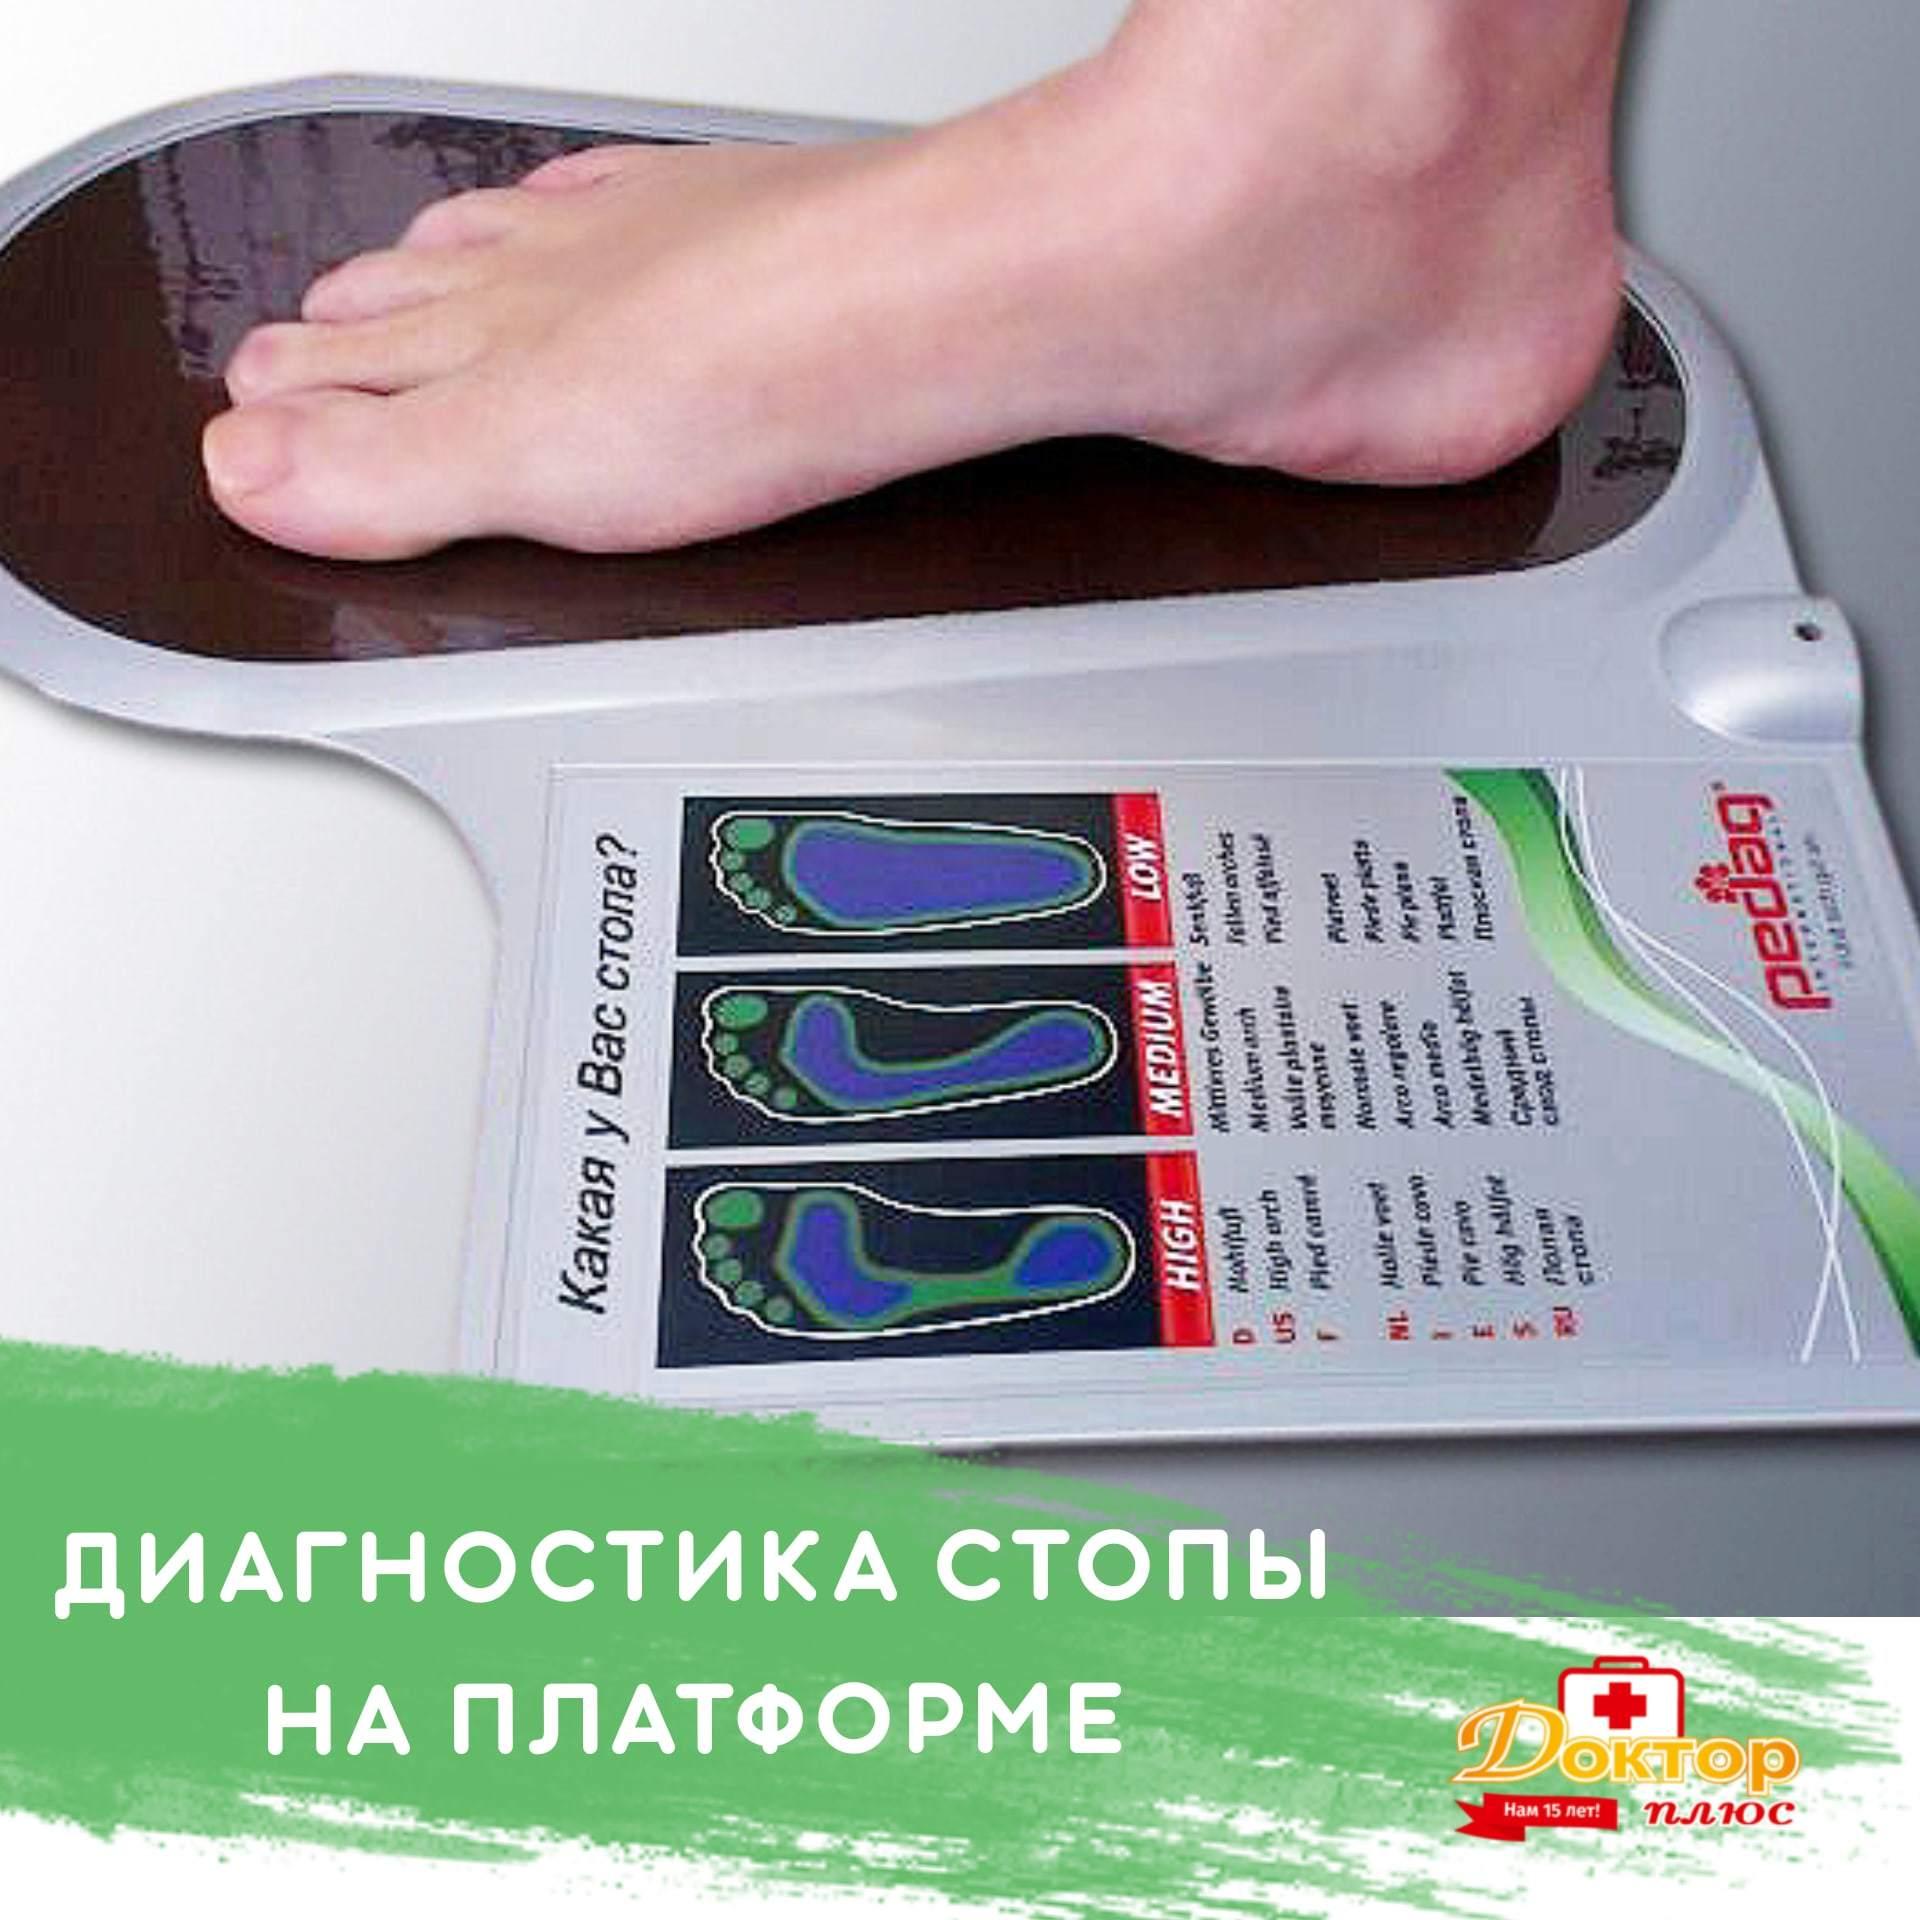 Экспресс-диагностика стопы на платформе!